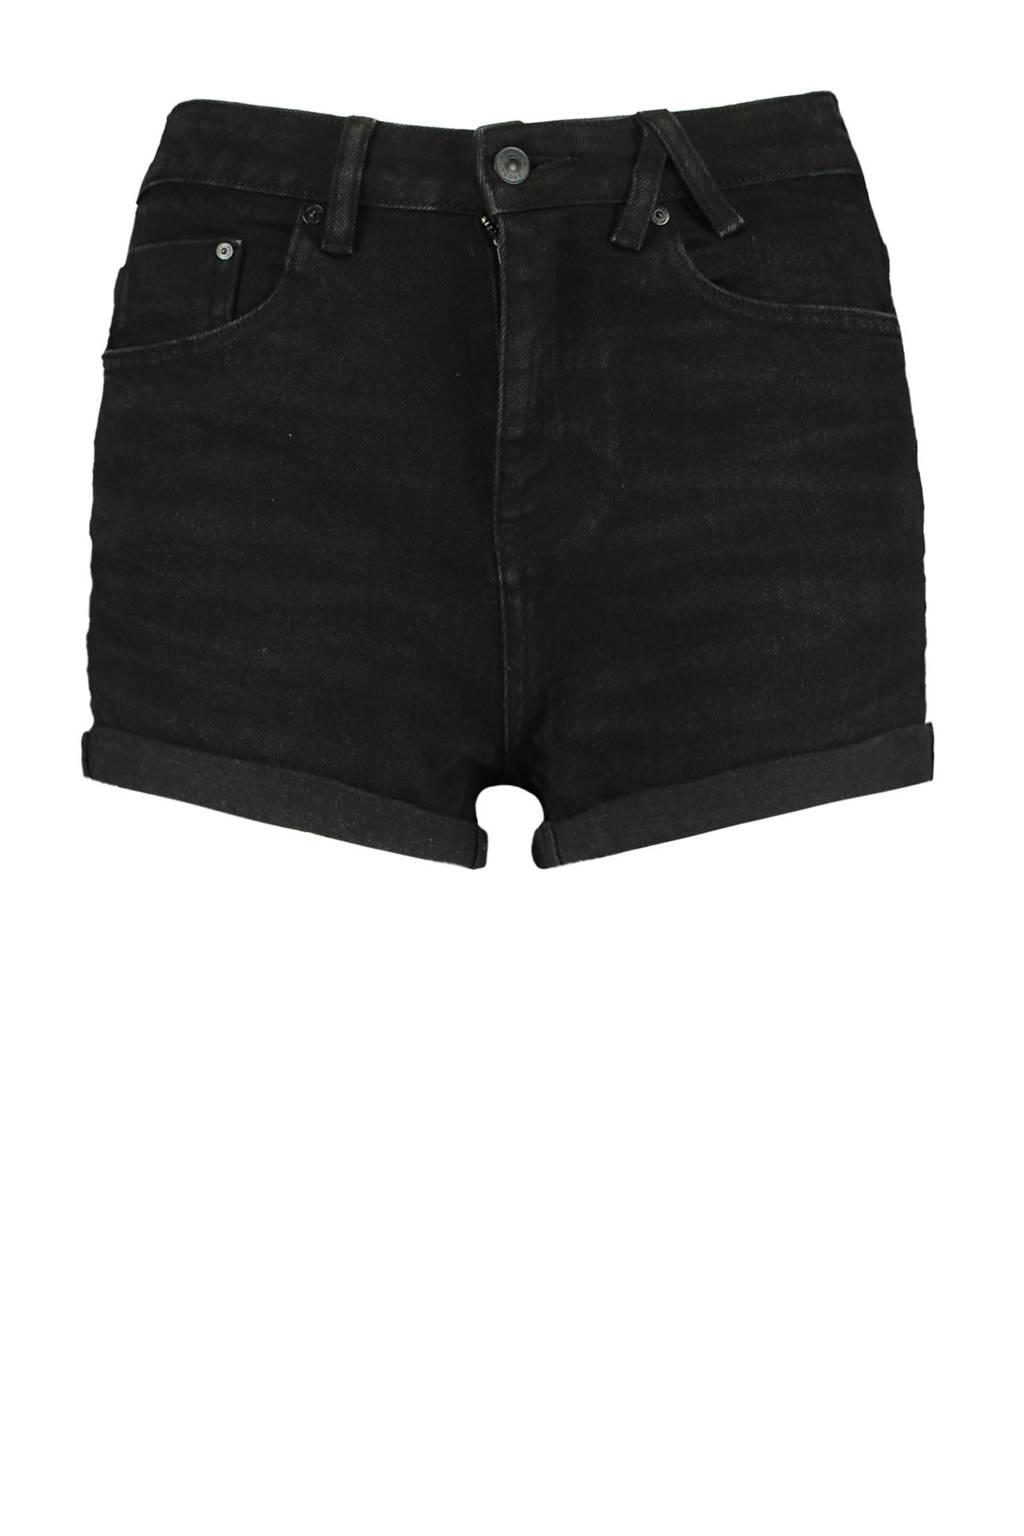 America Today high waist jeans short zwart, Zwart